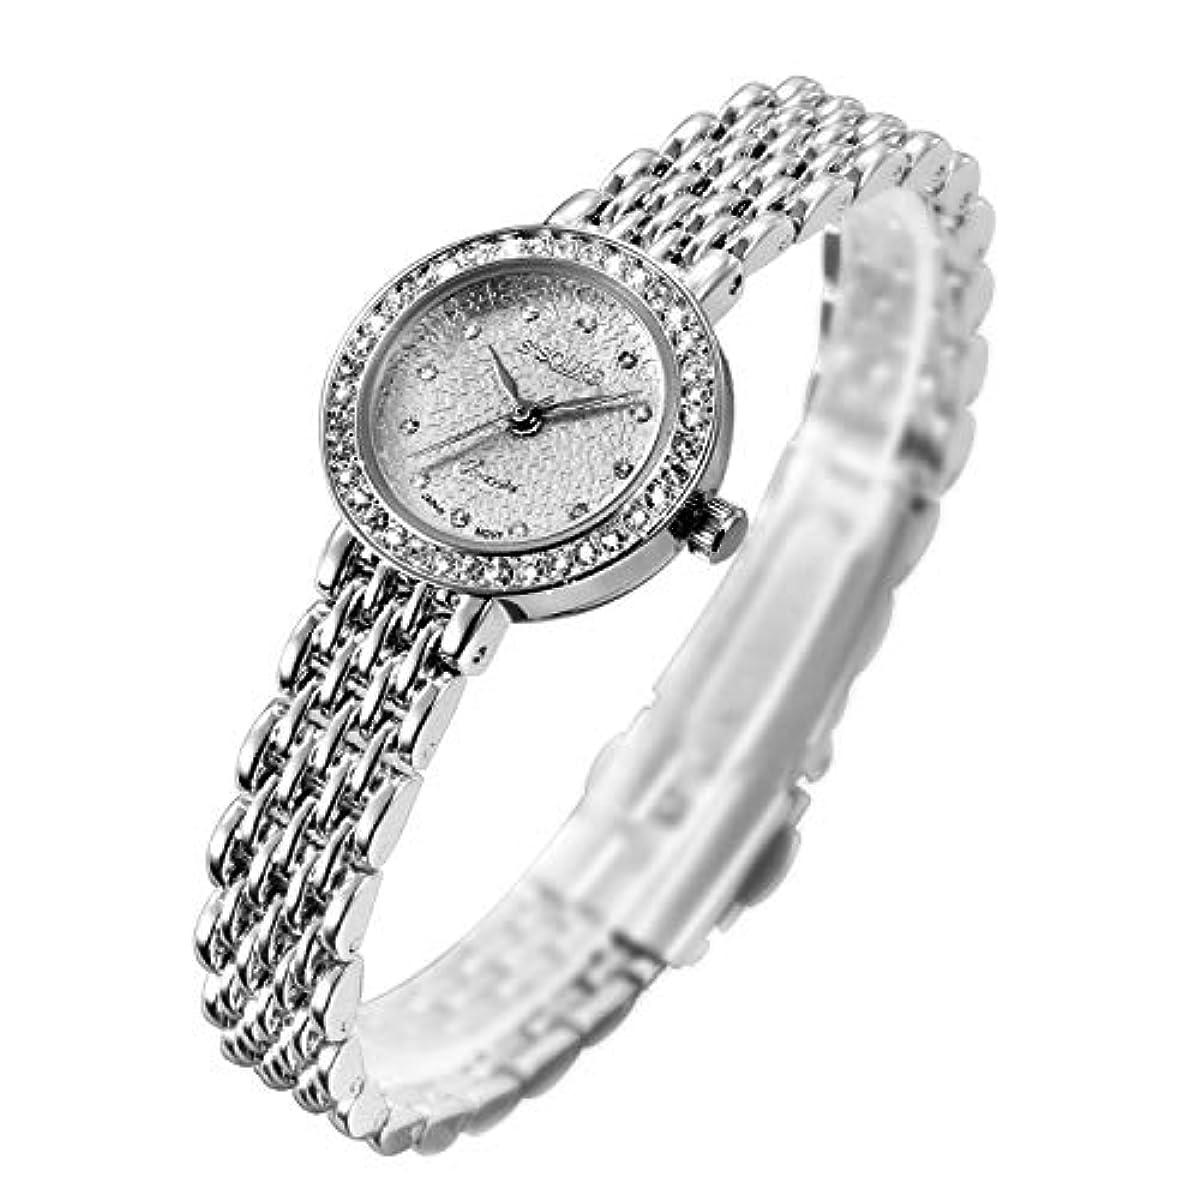 [해외] S2SQURE 손목시계 쿼츠 레이디스 걸즈 반짝반짝 실버 다이어 설계 (화이트)